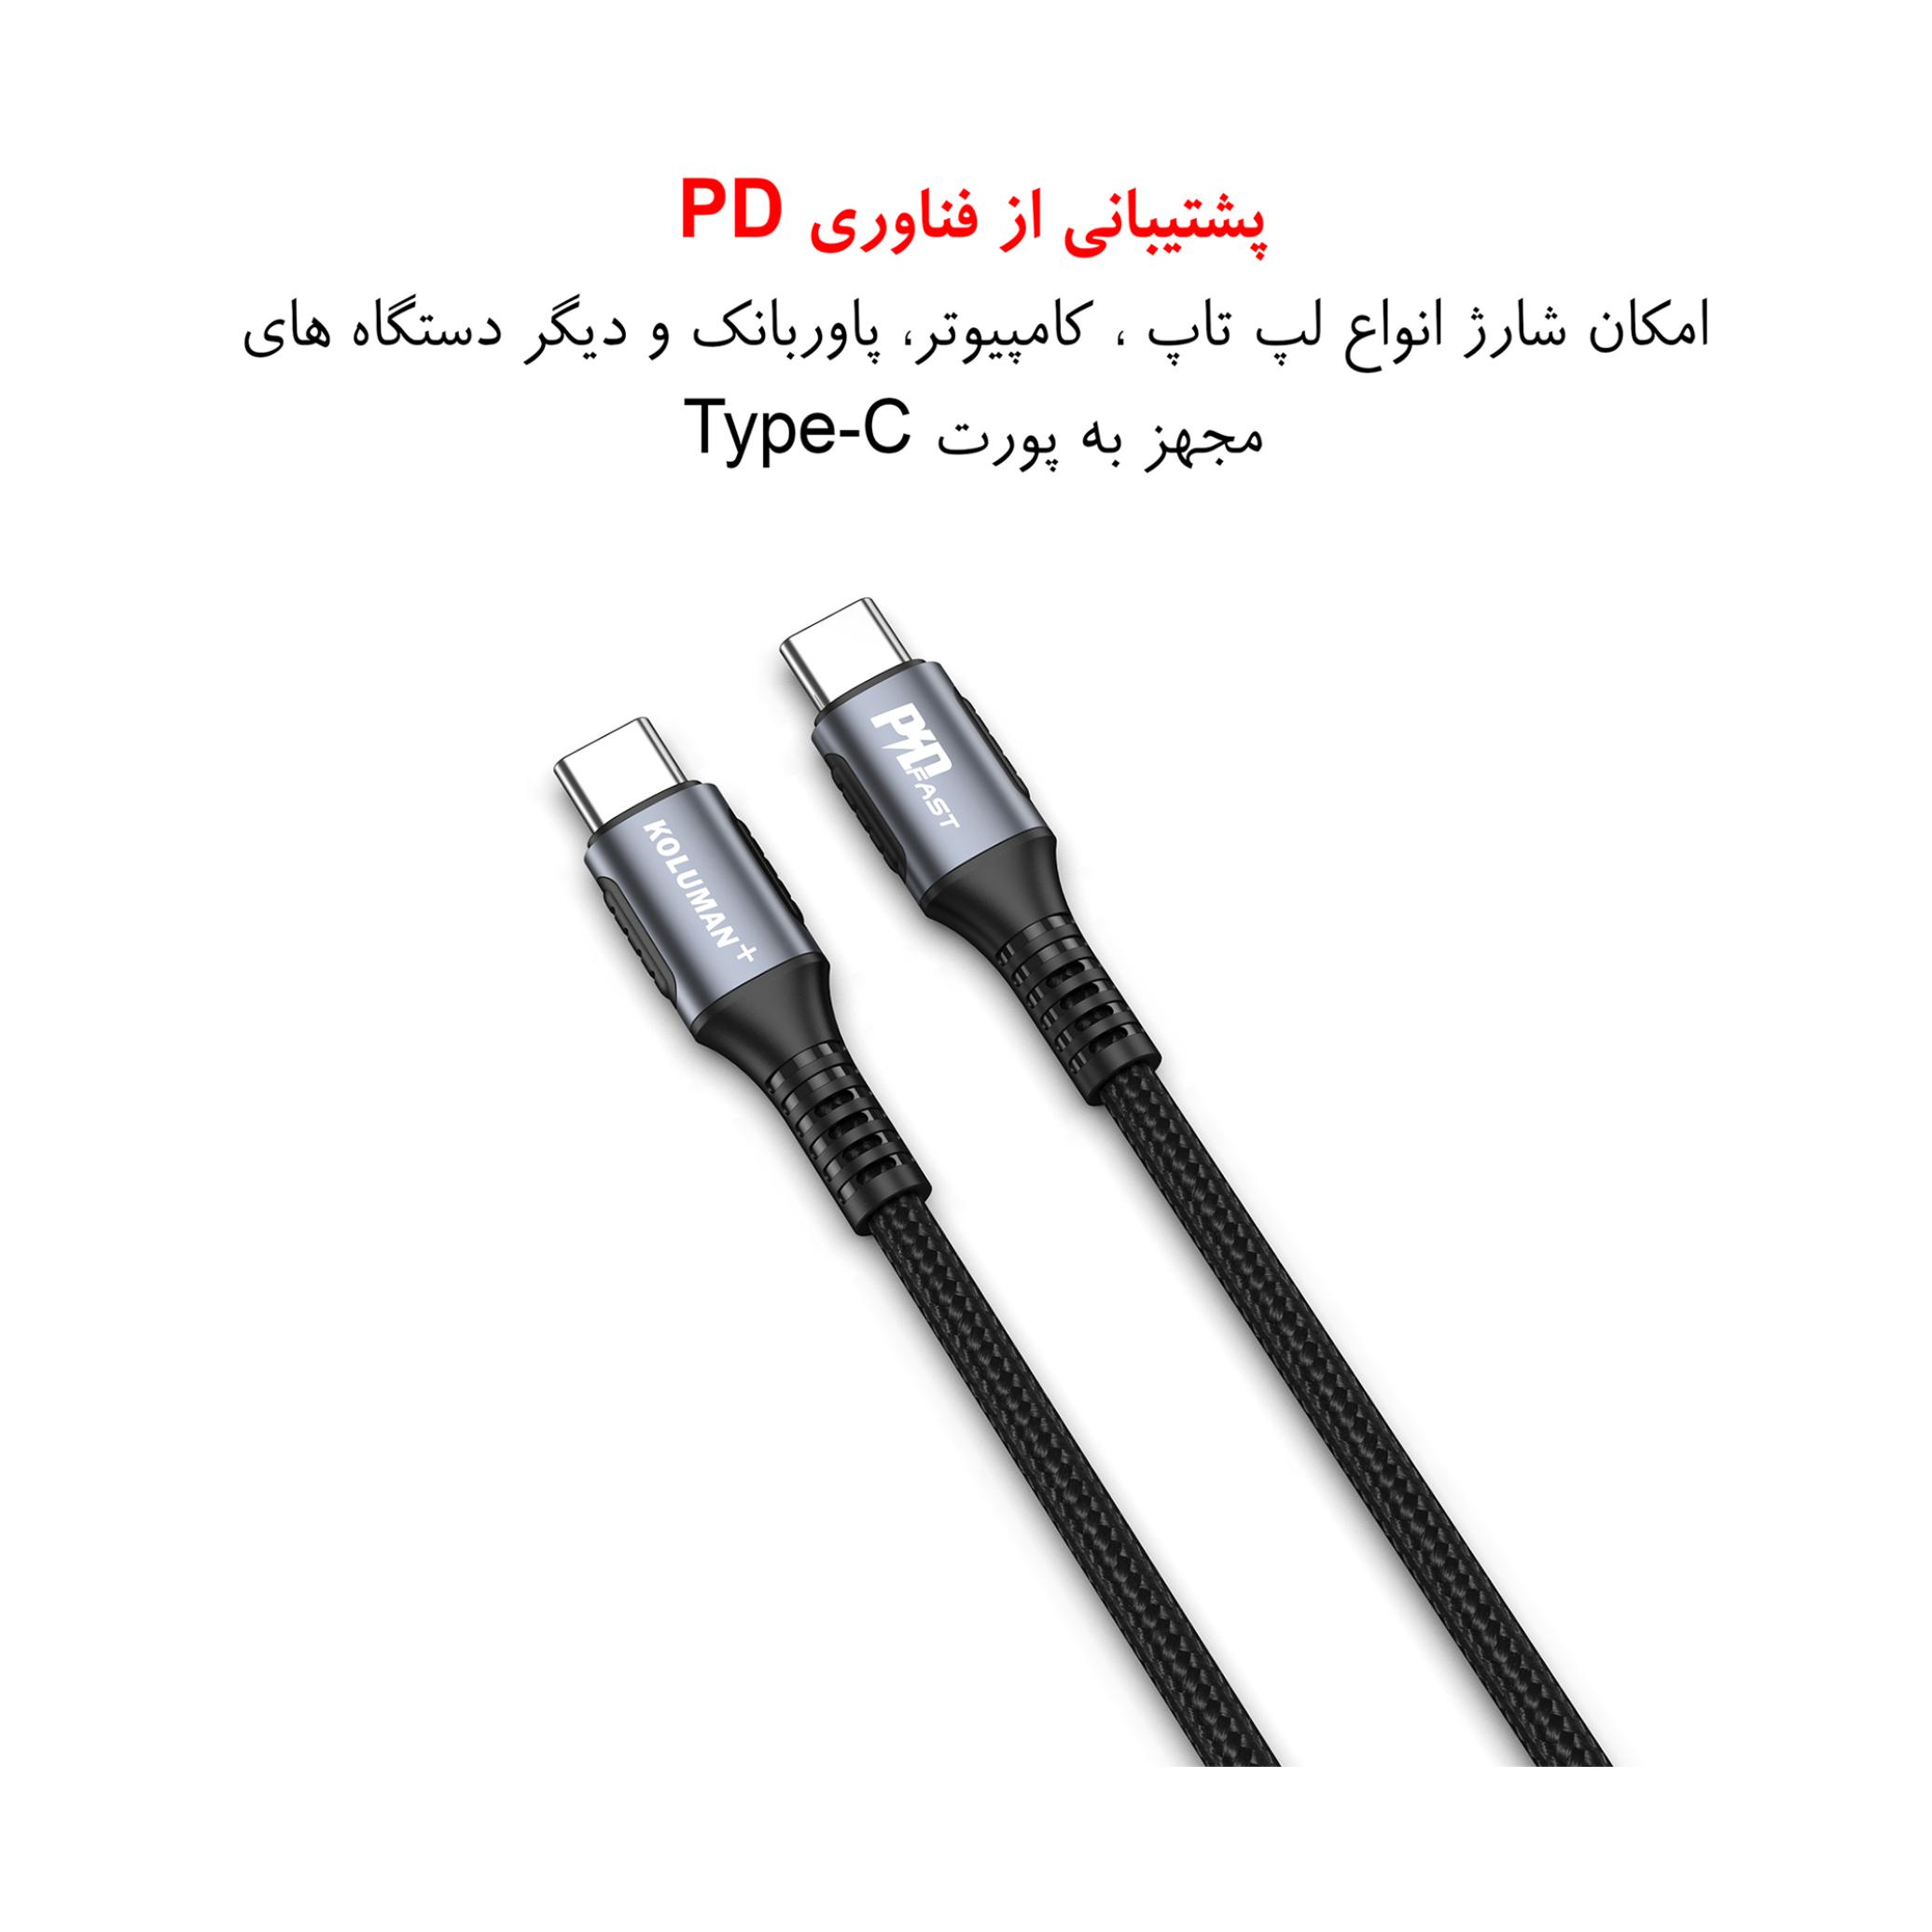 کابل تبدیل USB-C به USB-C3.1 Gen1 کلومن پلاس مدل K8+